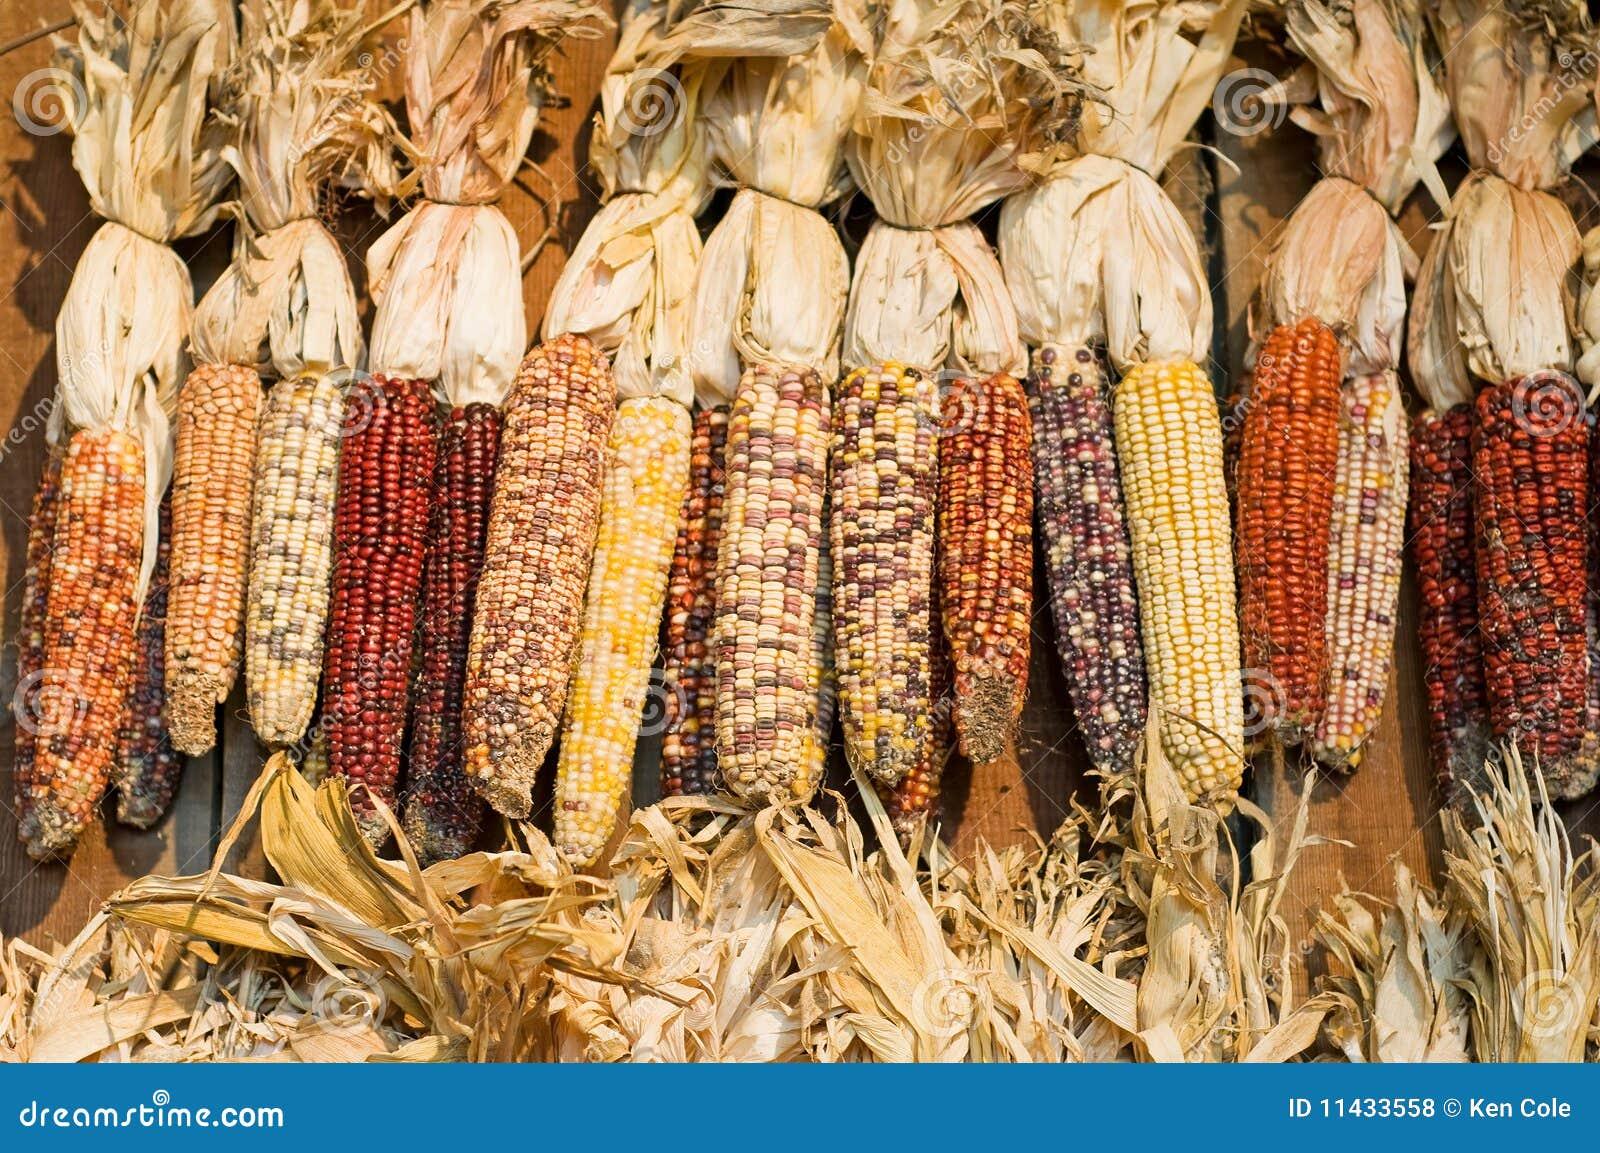 Autumn colored corn